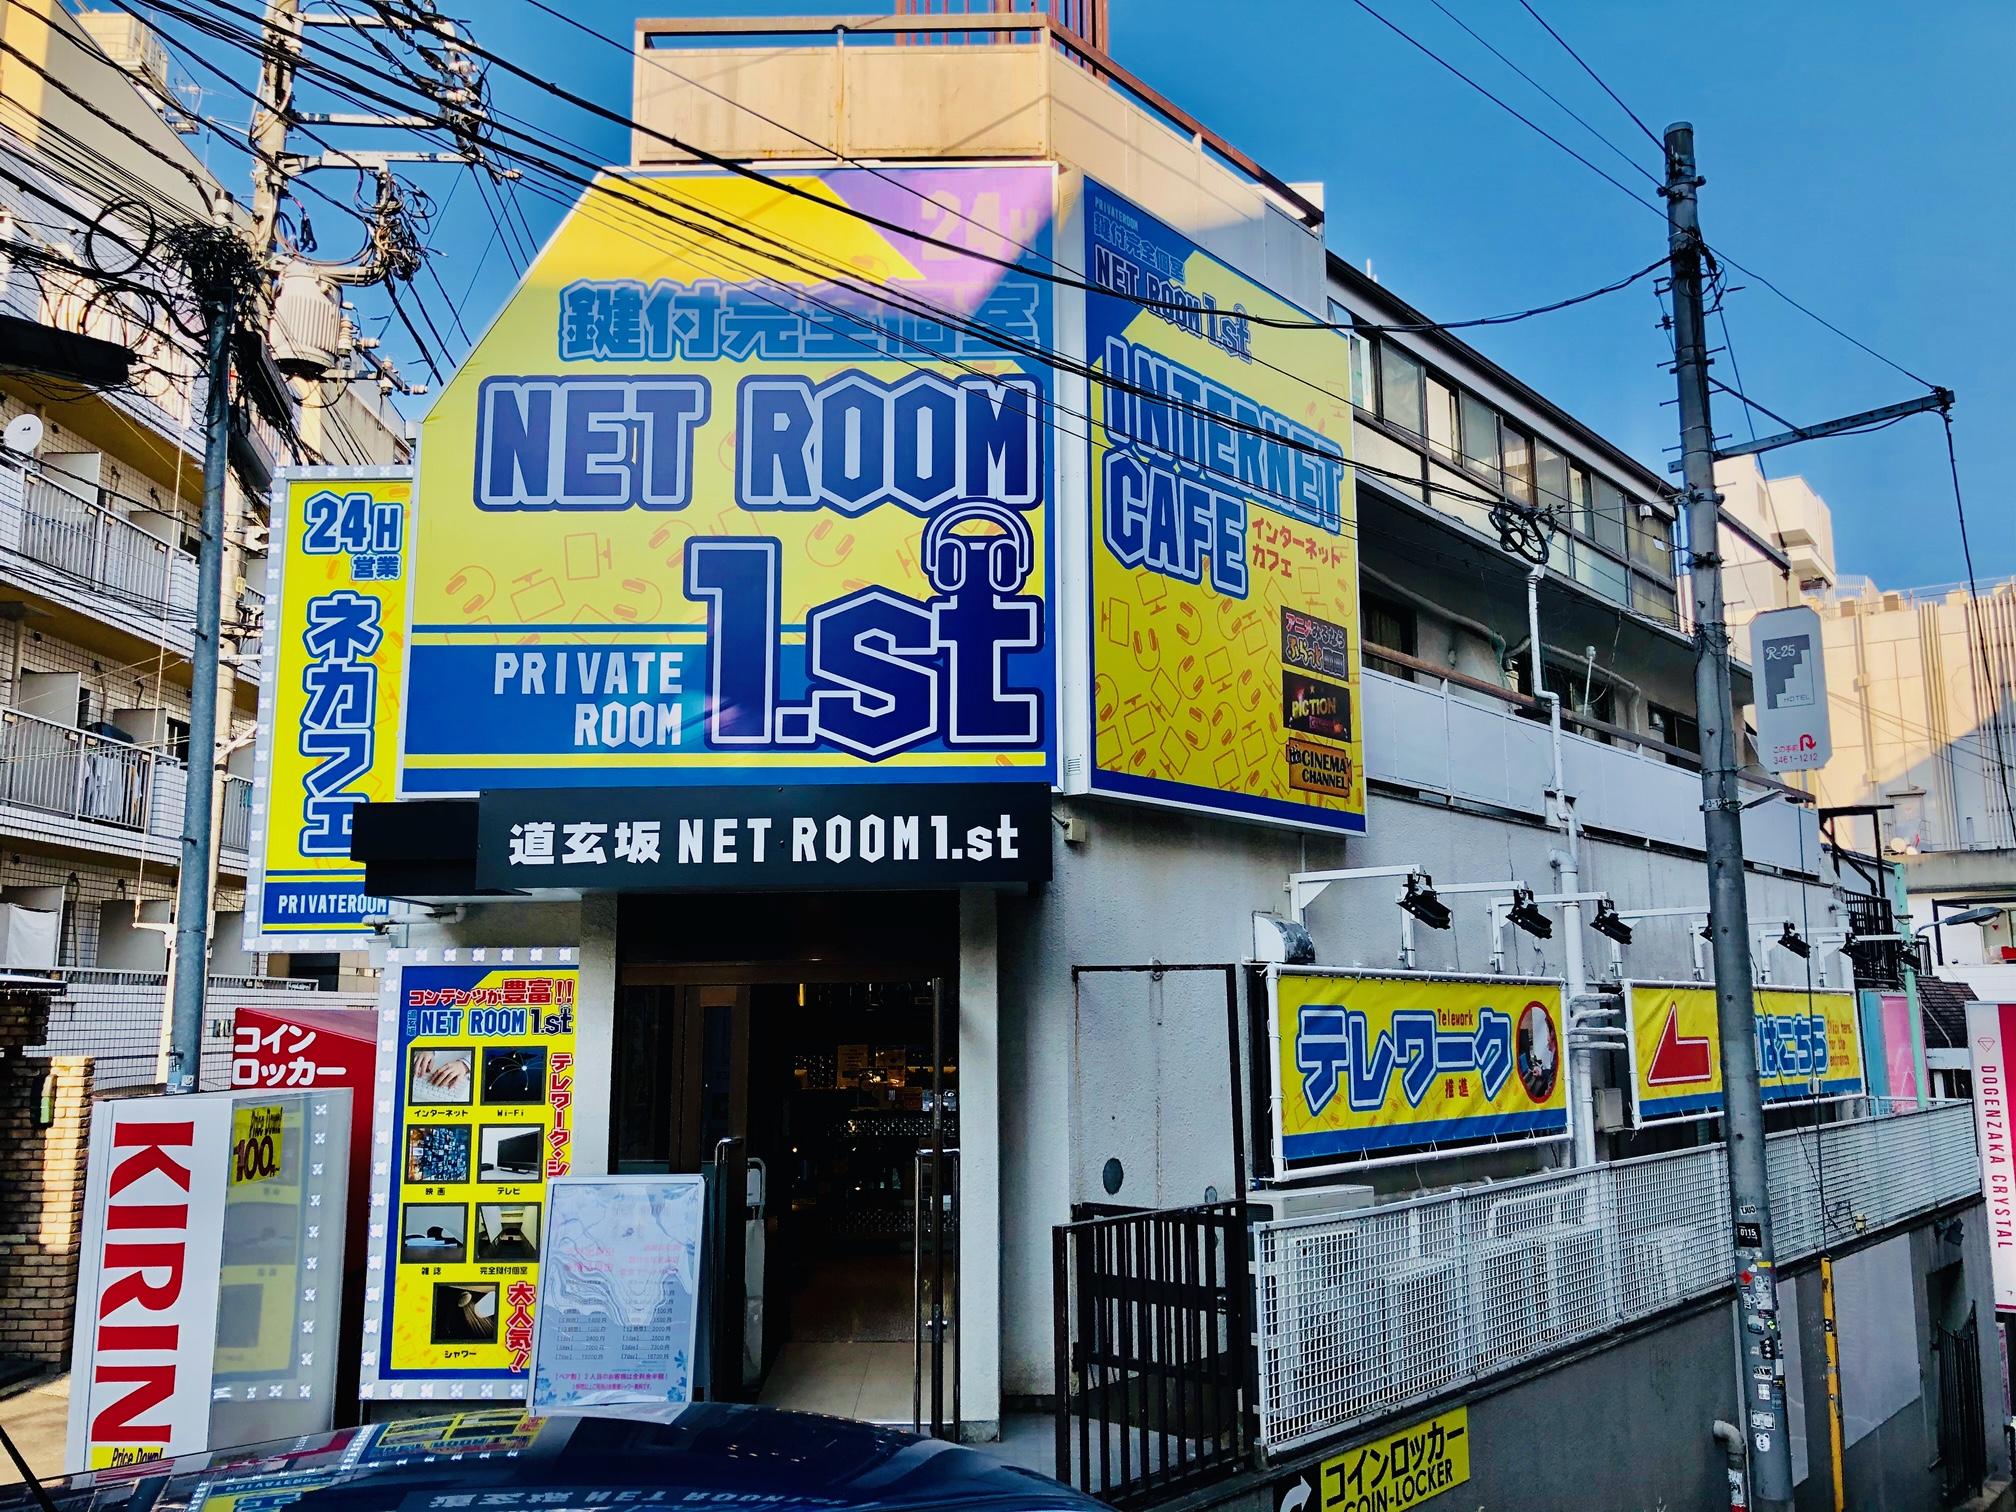 外観 - 道玄坂NETROOM1.st 鍵付き完全個室のネットルームの外観の写真